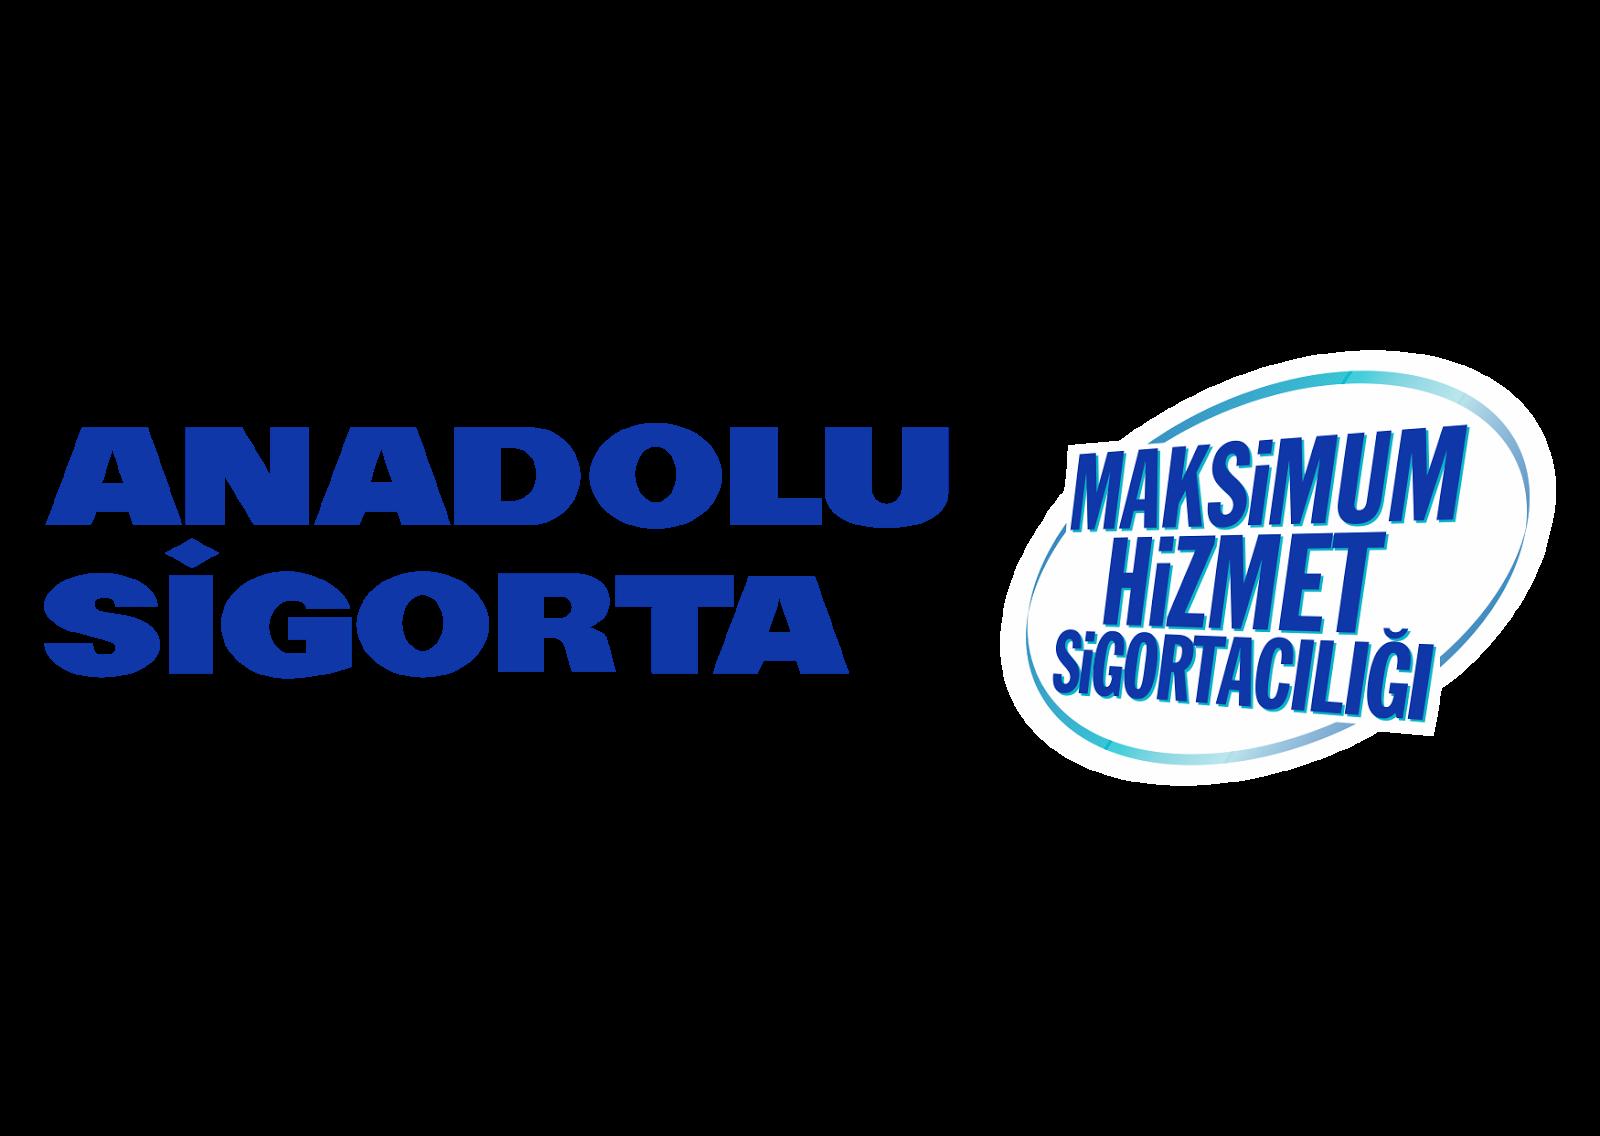 Anadolu Sigorta Logo photo - 1